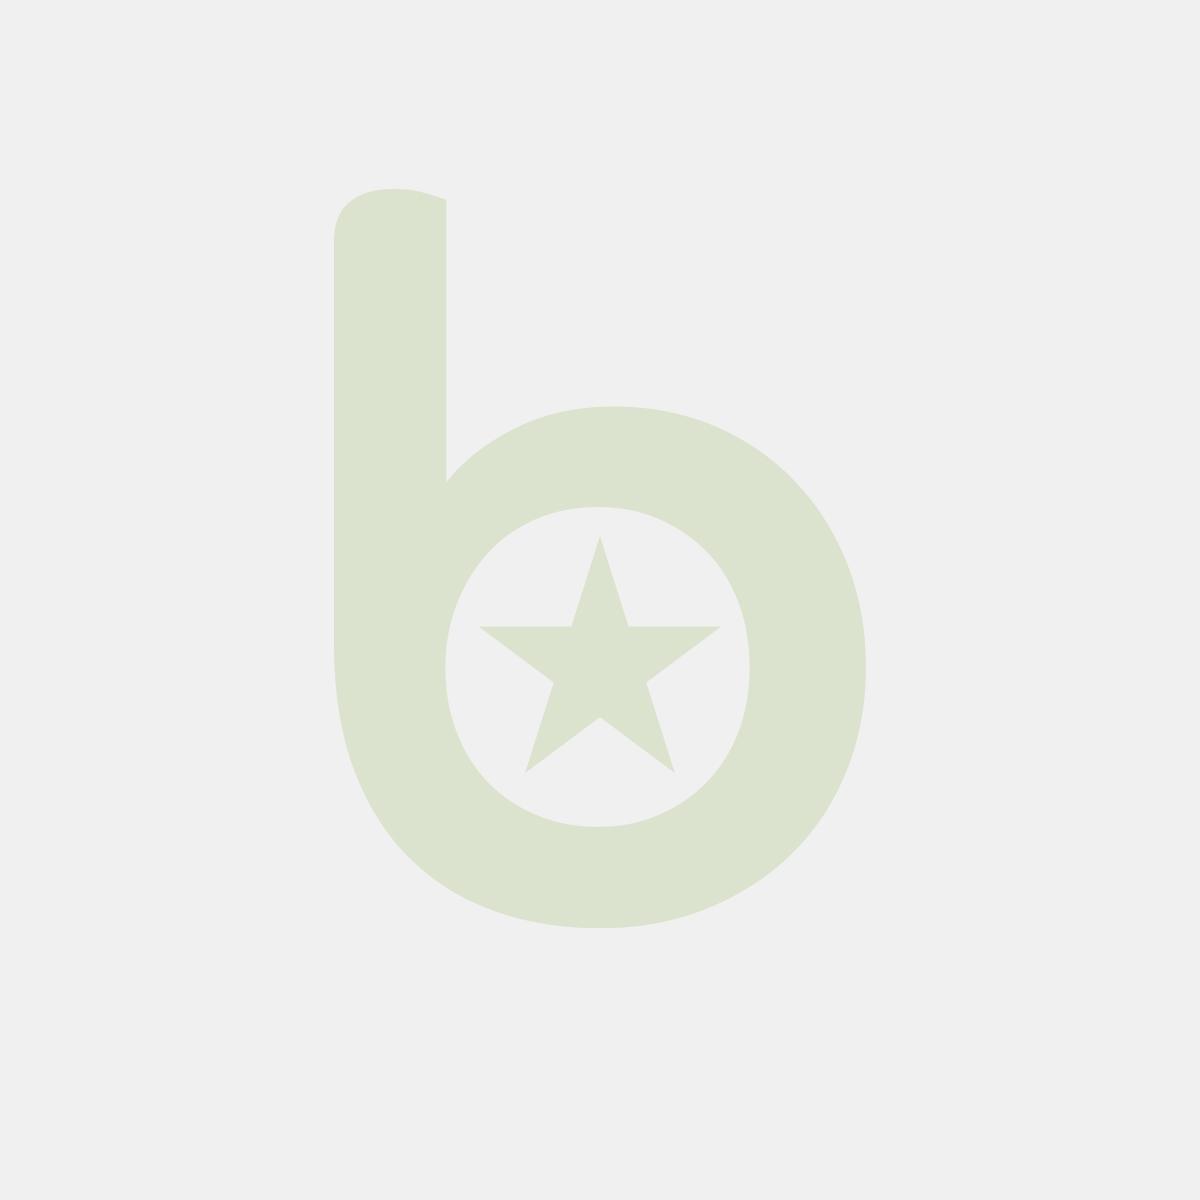 Zakaz wprowadzania psów B2 - 105 x 105mm RA507B2FN